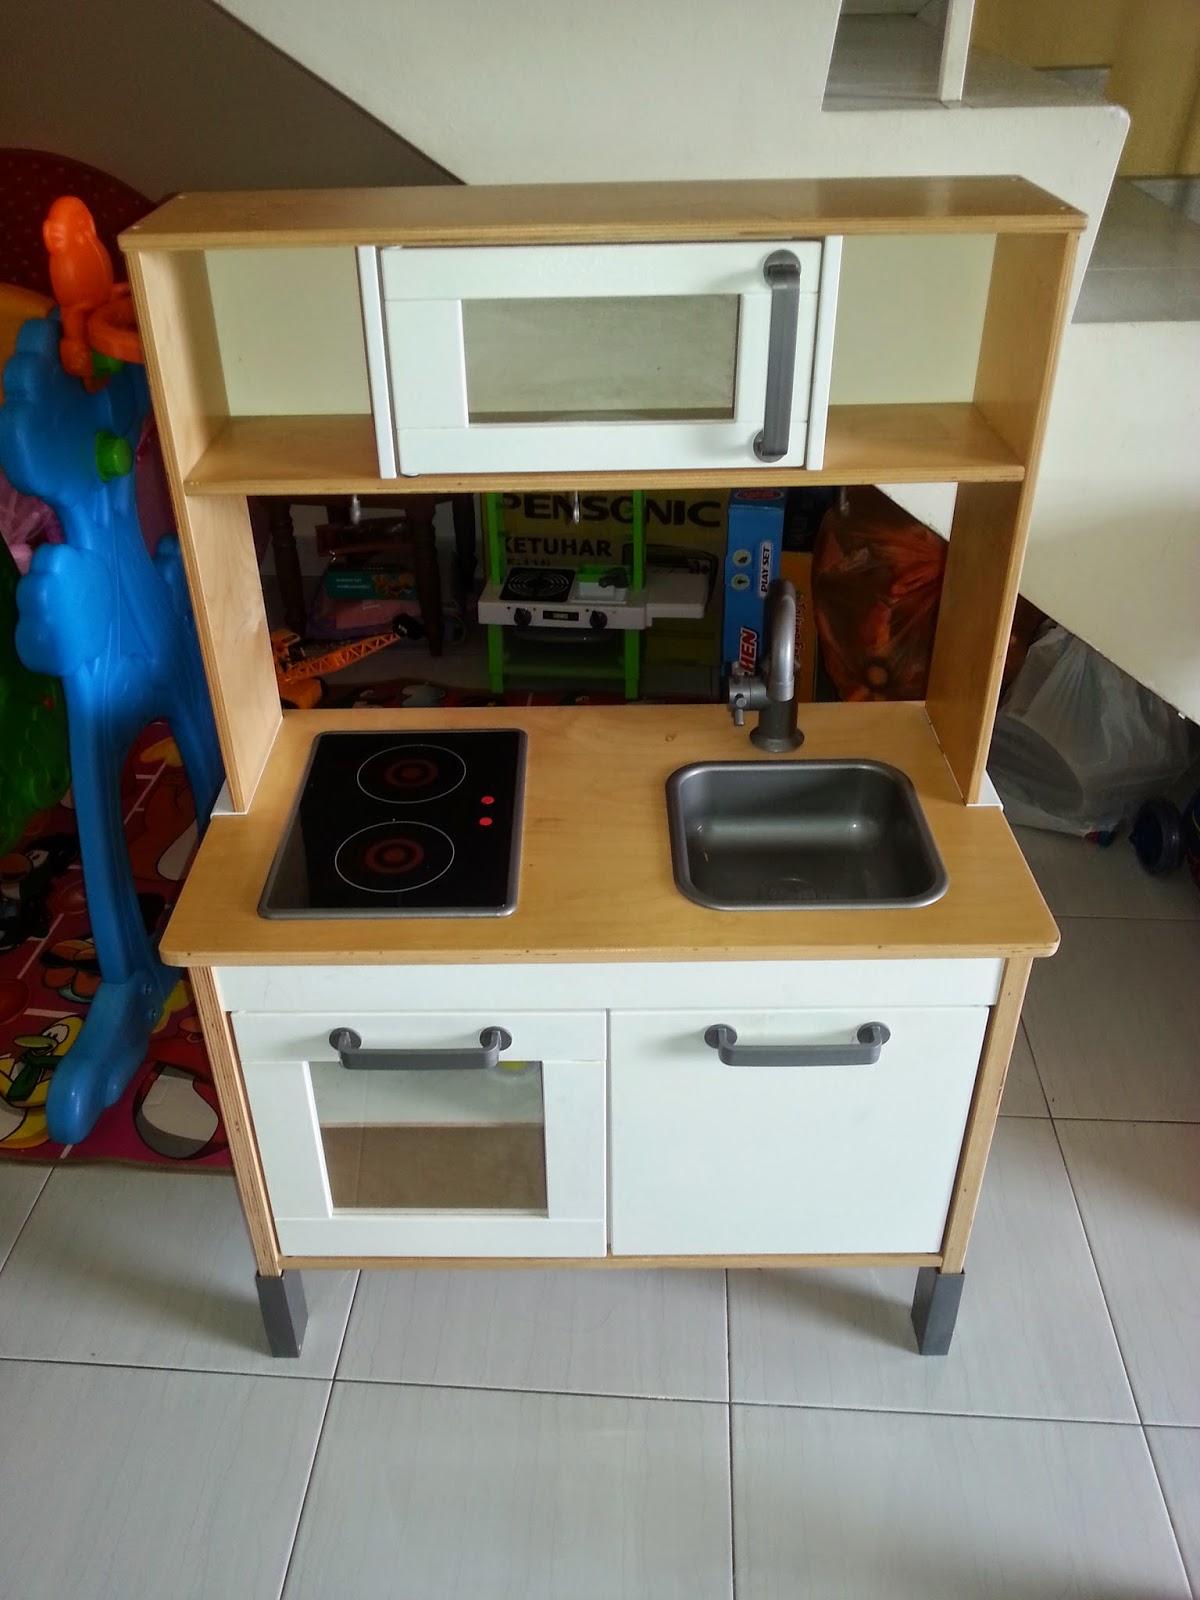 mybundletoys2 ikea duktig mini kitchen sold. Black Bedroom Furniture Sets. Home Design Ideas